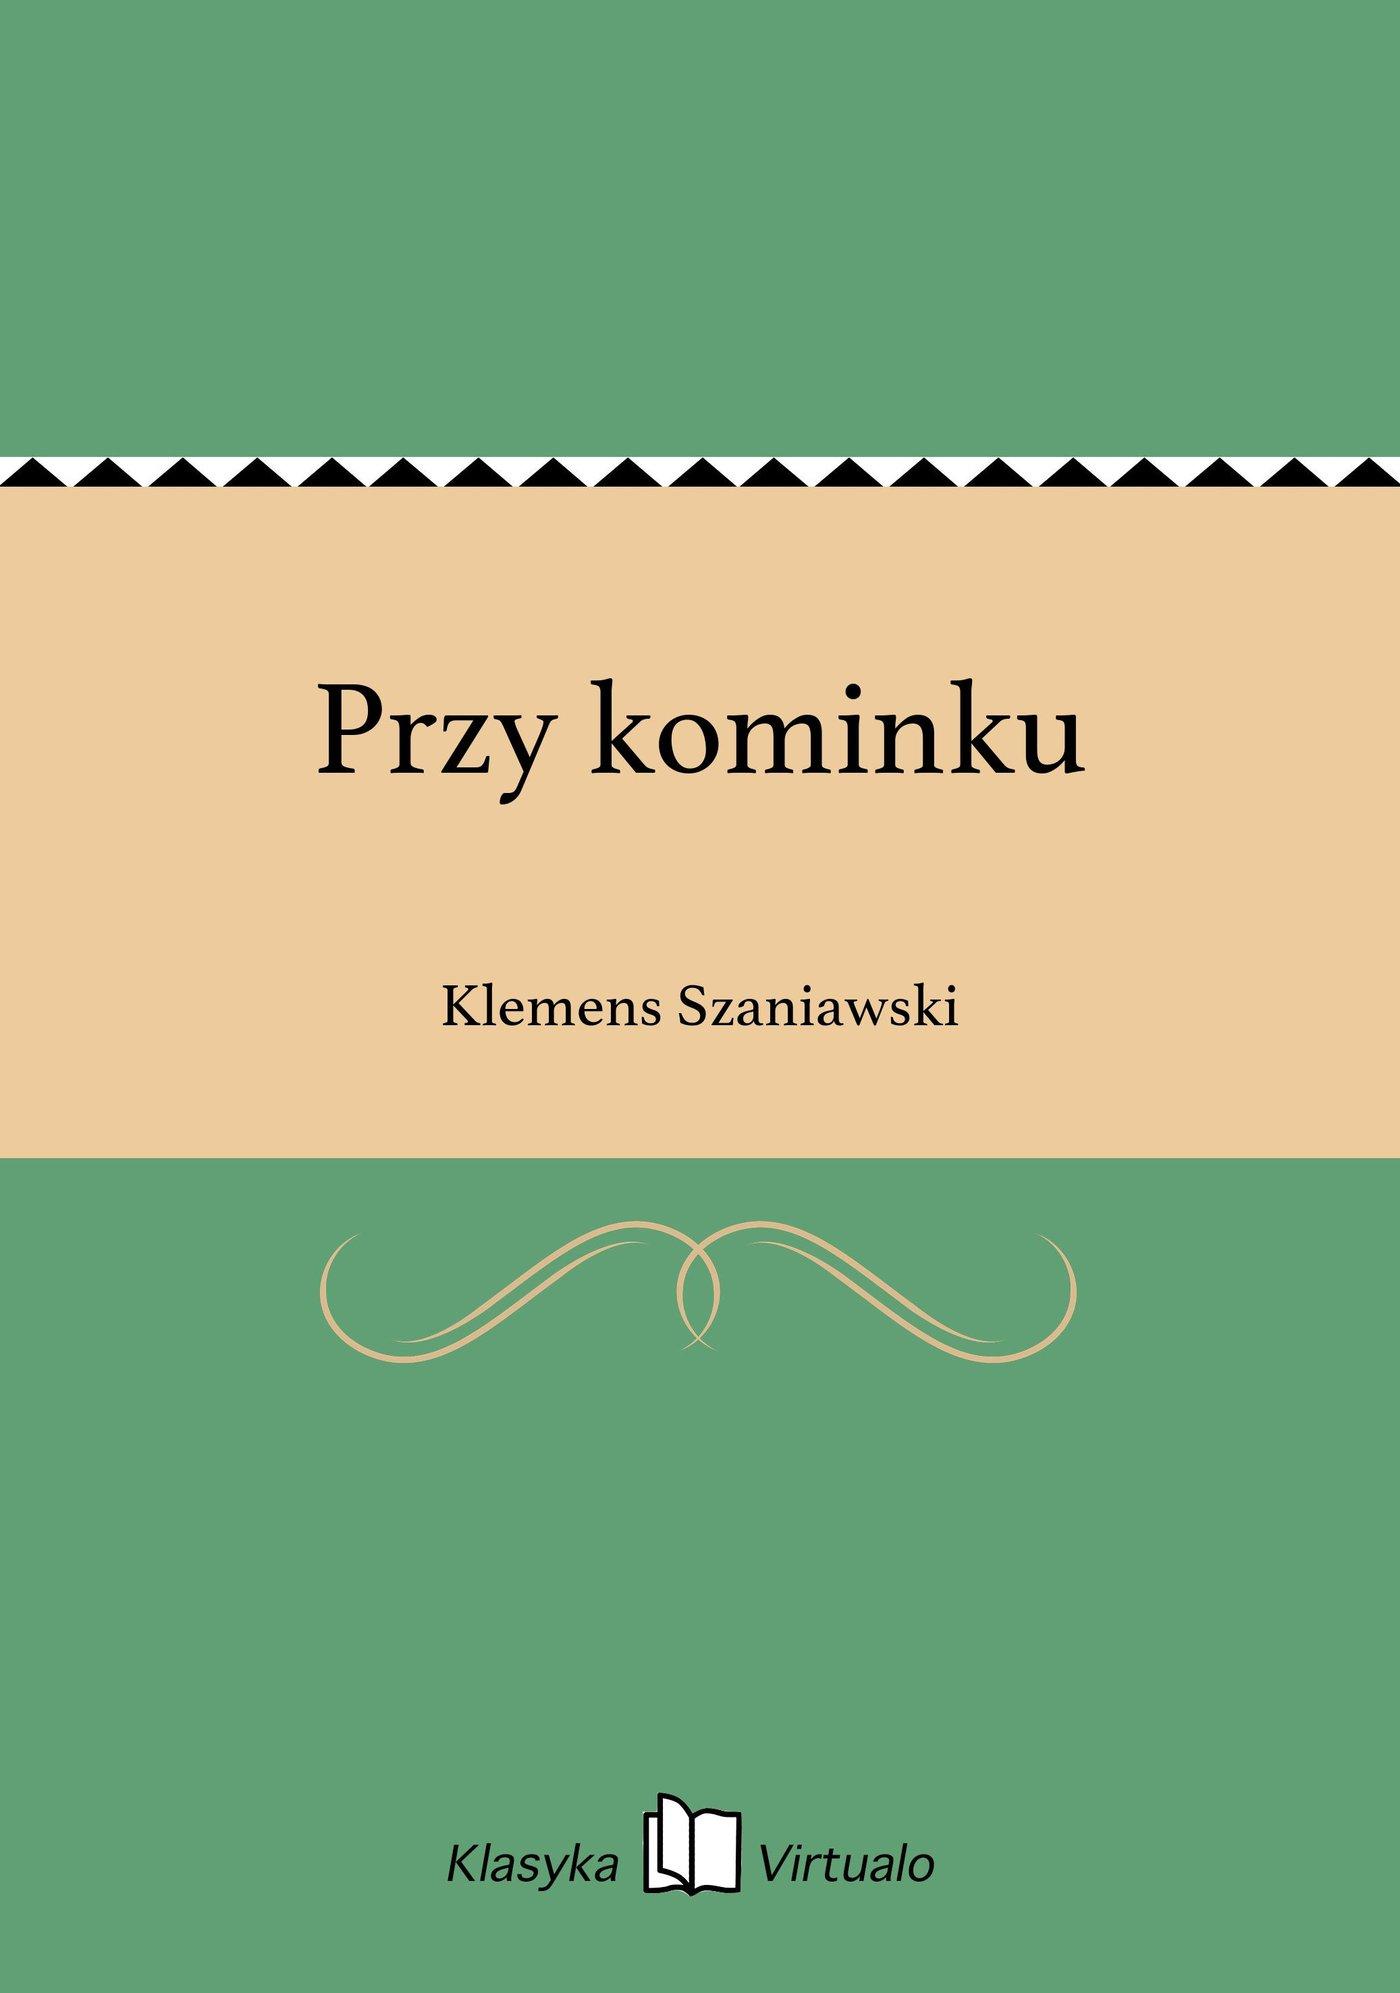 Przy kominku - Ebook (Książka EPUB) do pobrania w formacie EPUB